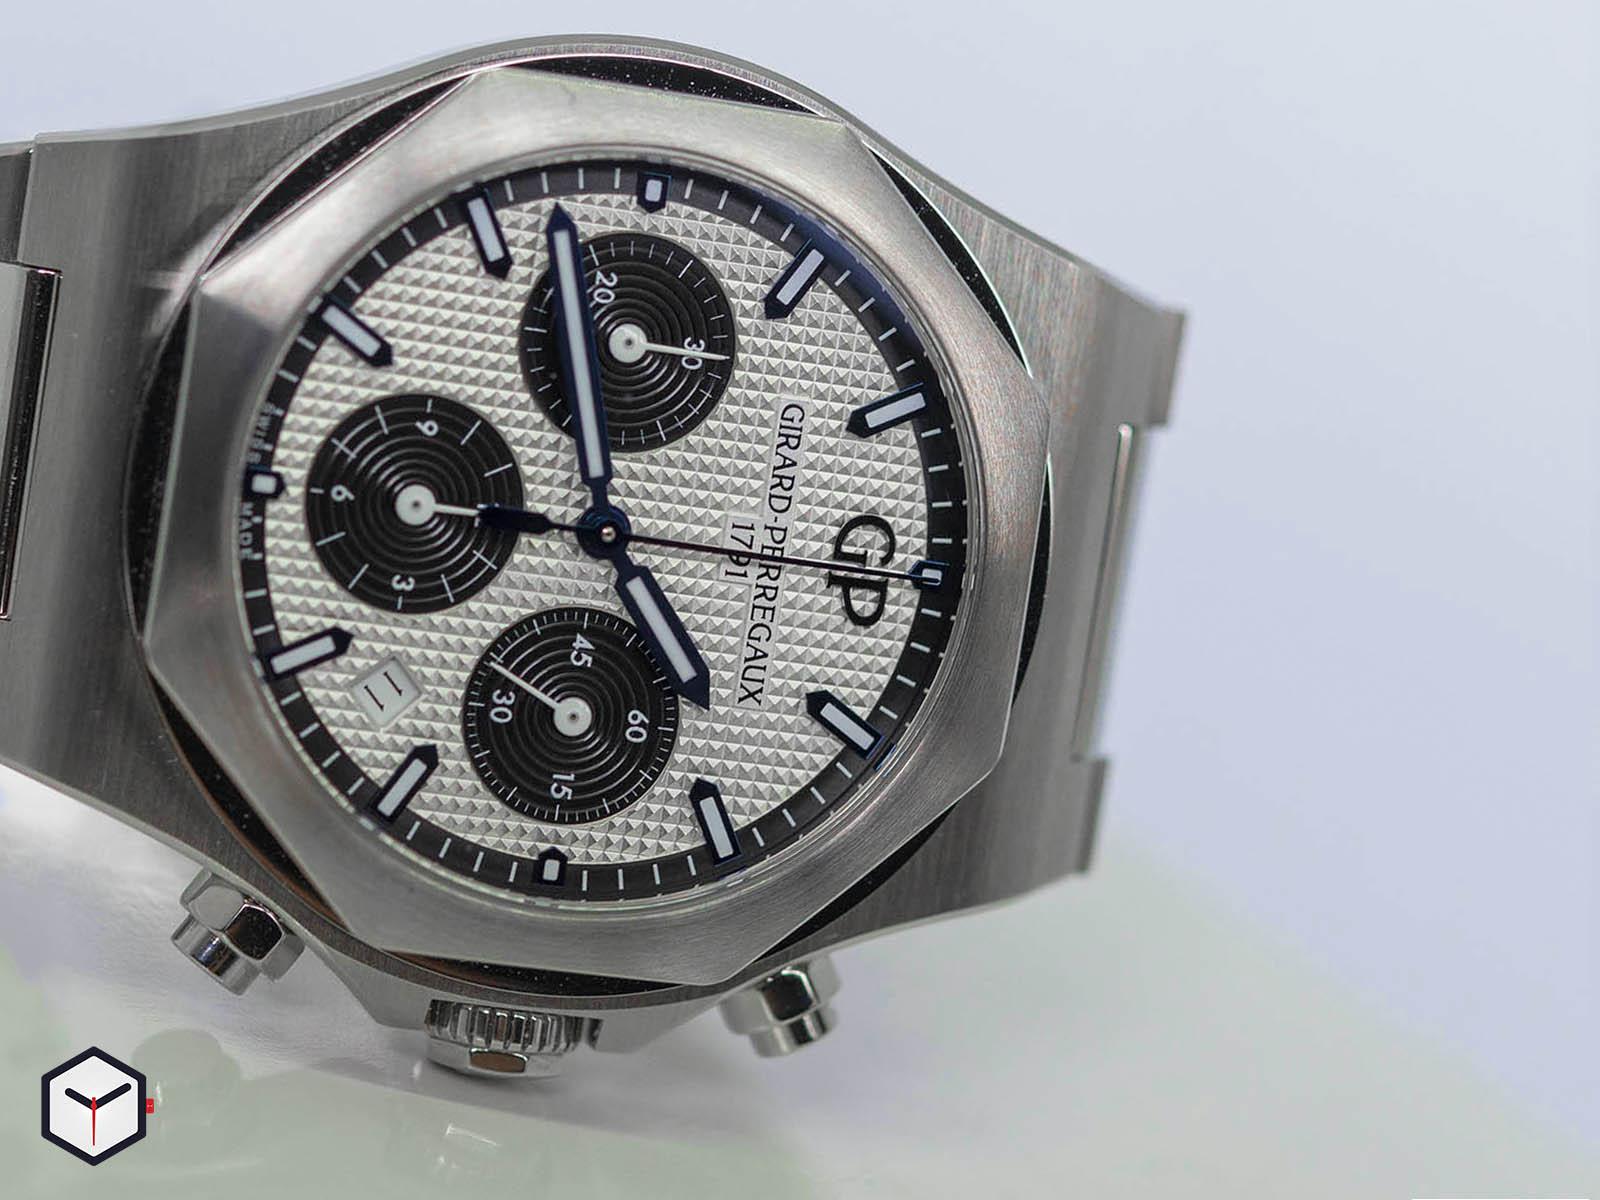 81020-11-131-11a-girard-perregaux-laureato-chronograph-42mm-8.jpg